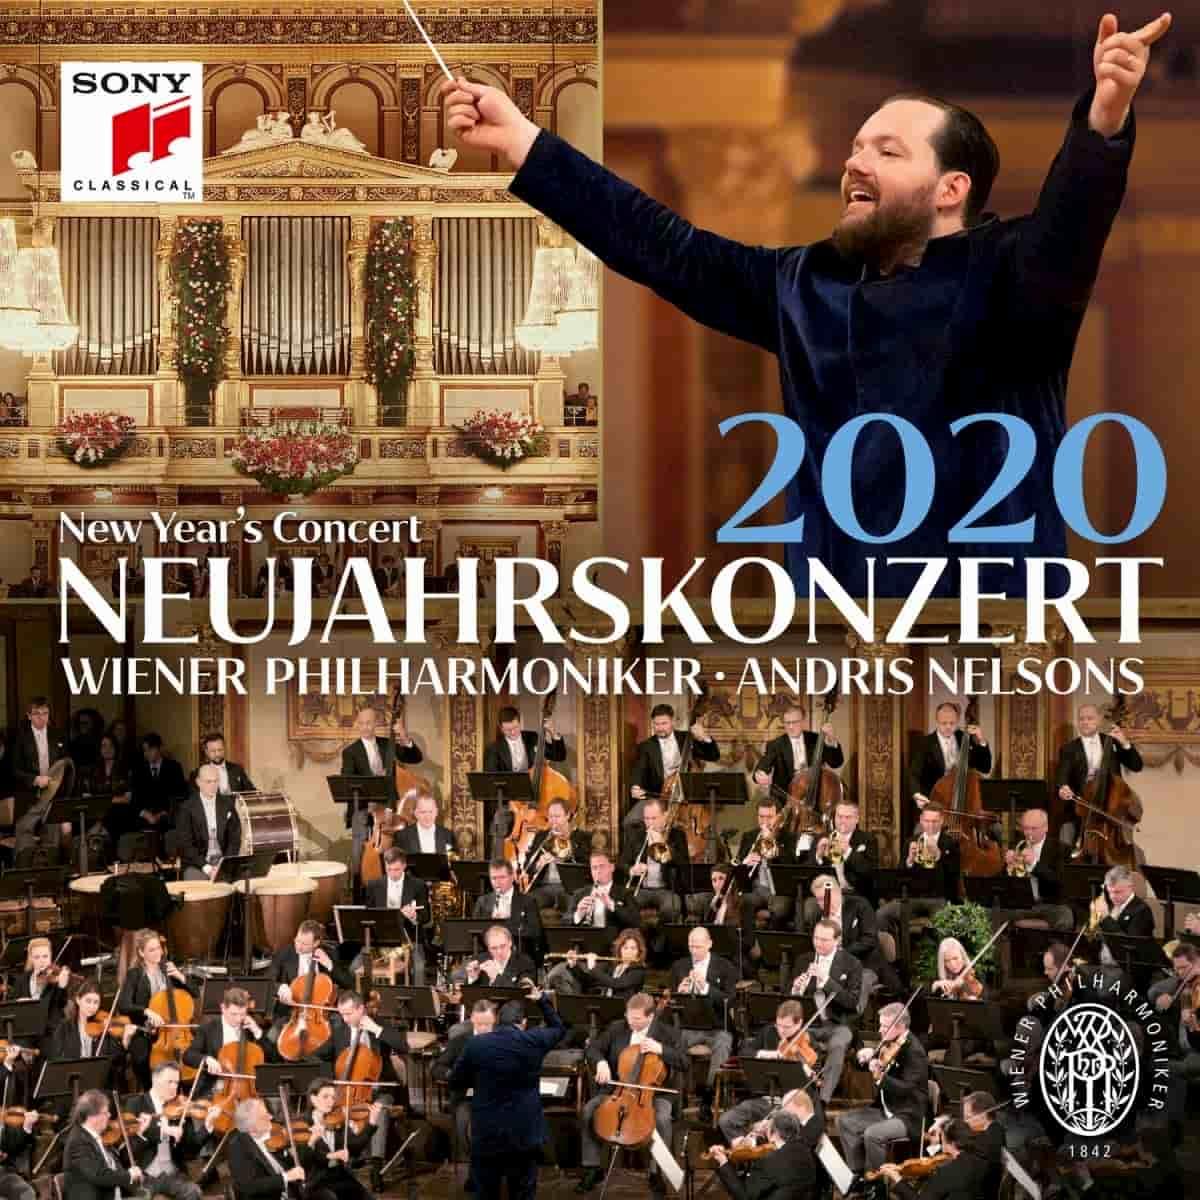 CD Neujahrskonzert 2020 der Wiener Philharmoniker